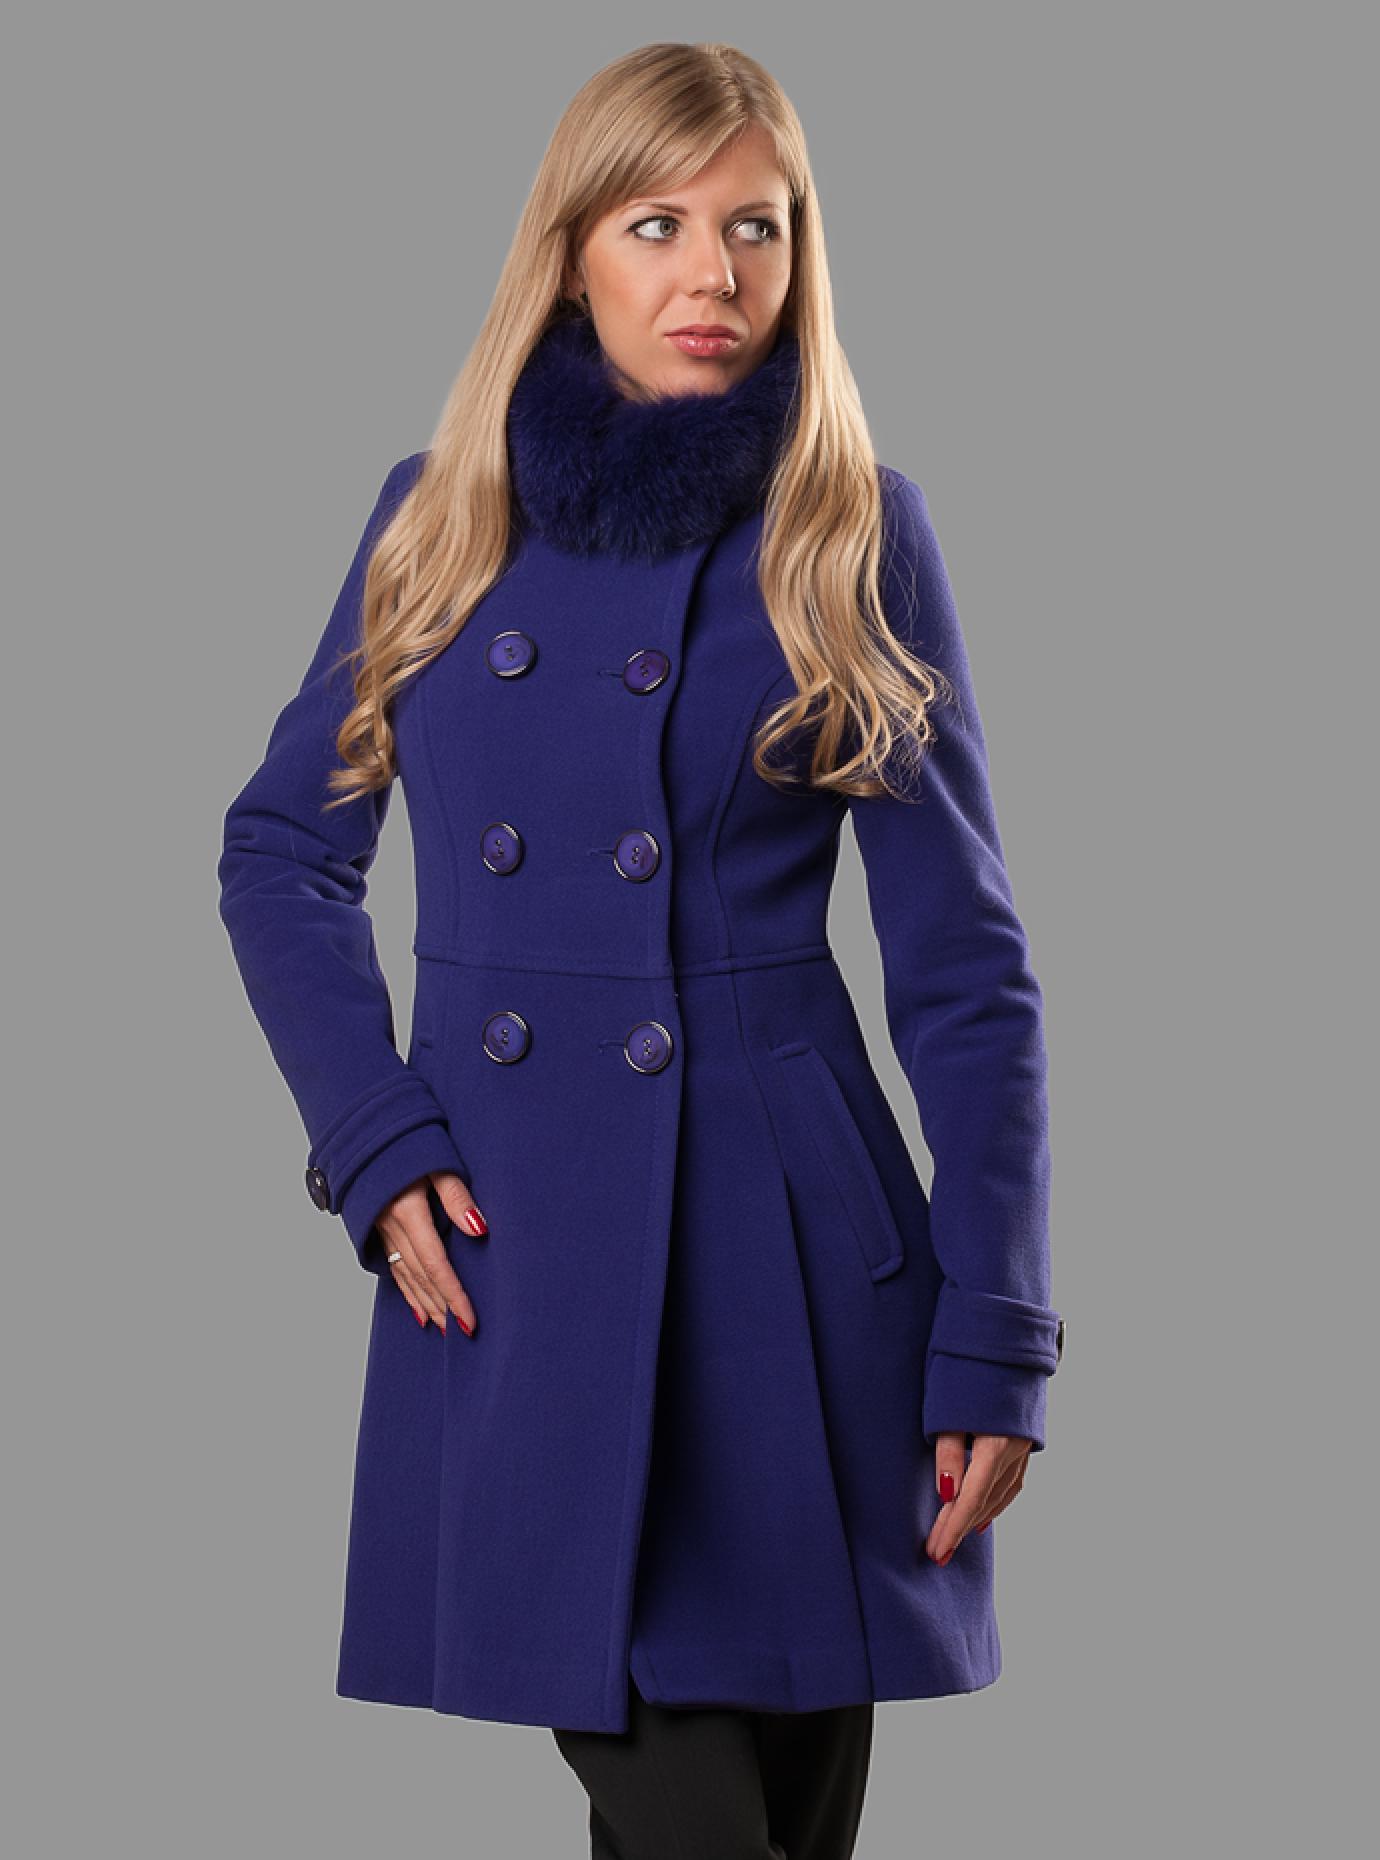 Пальто демисезонное с воротником из меха песца Синий S (07-P17048): фото - Alster.ua